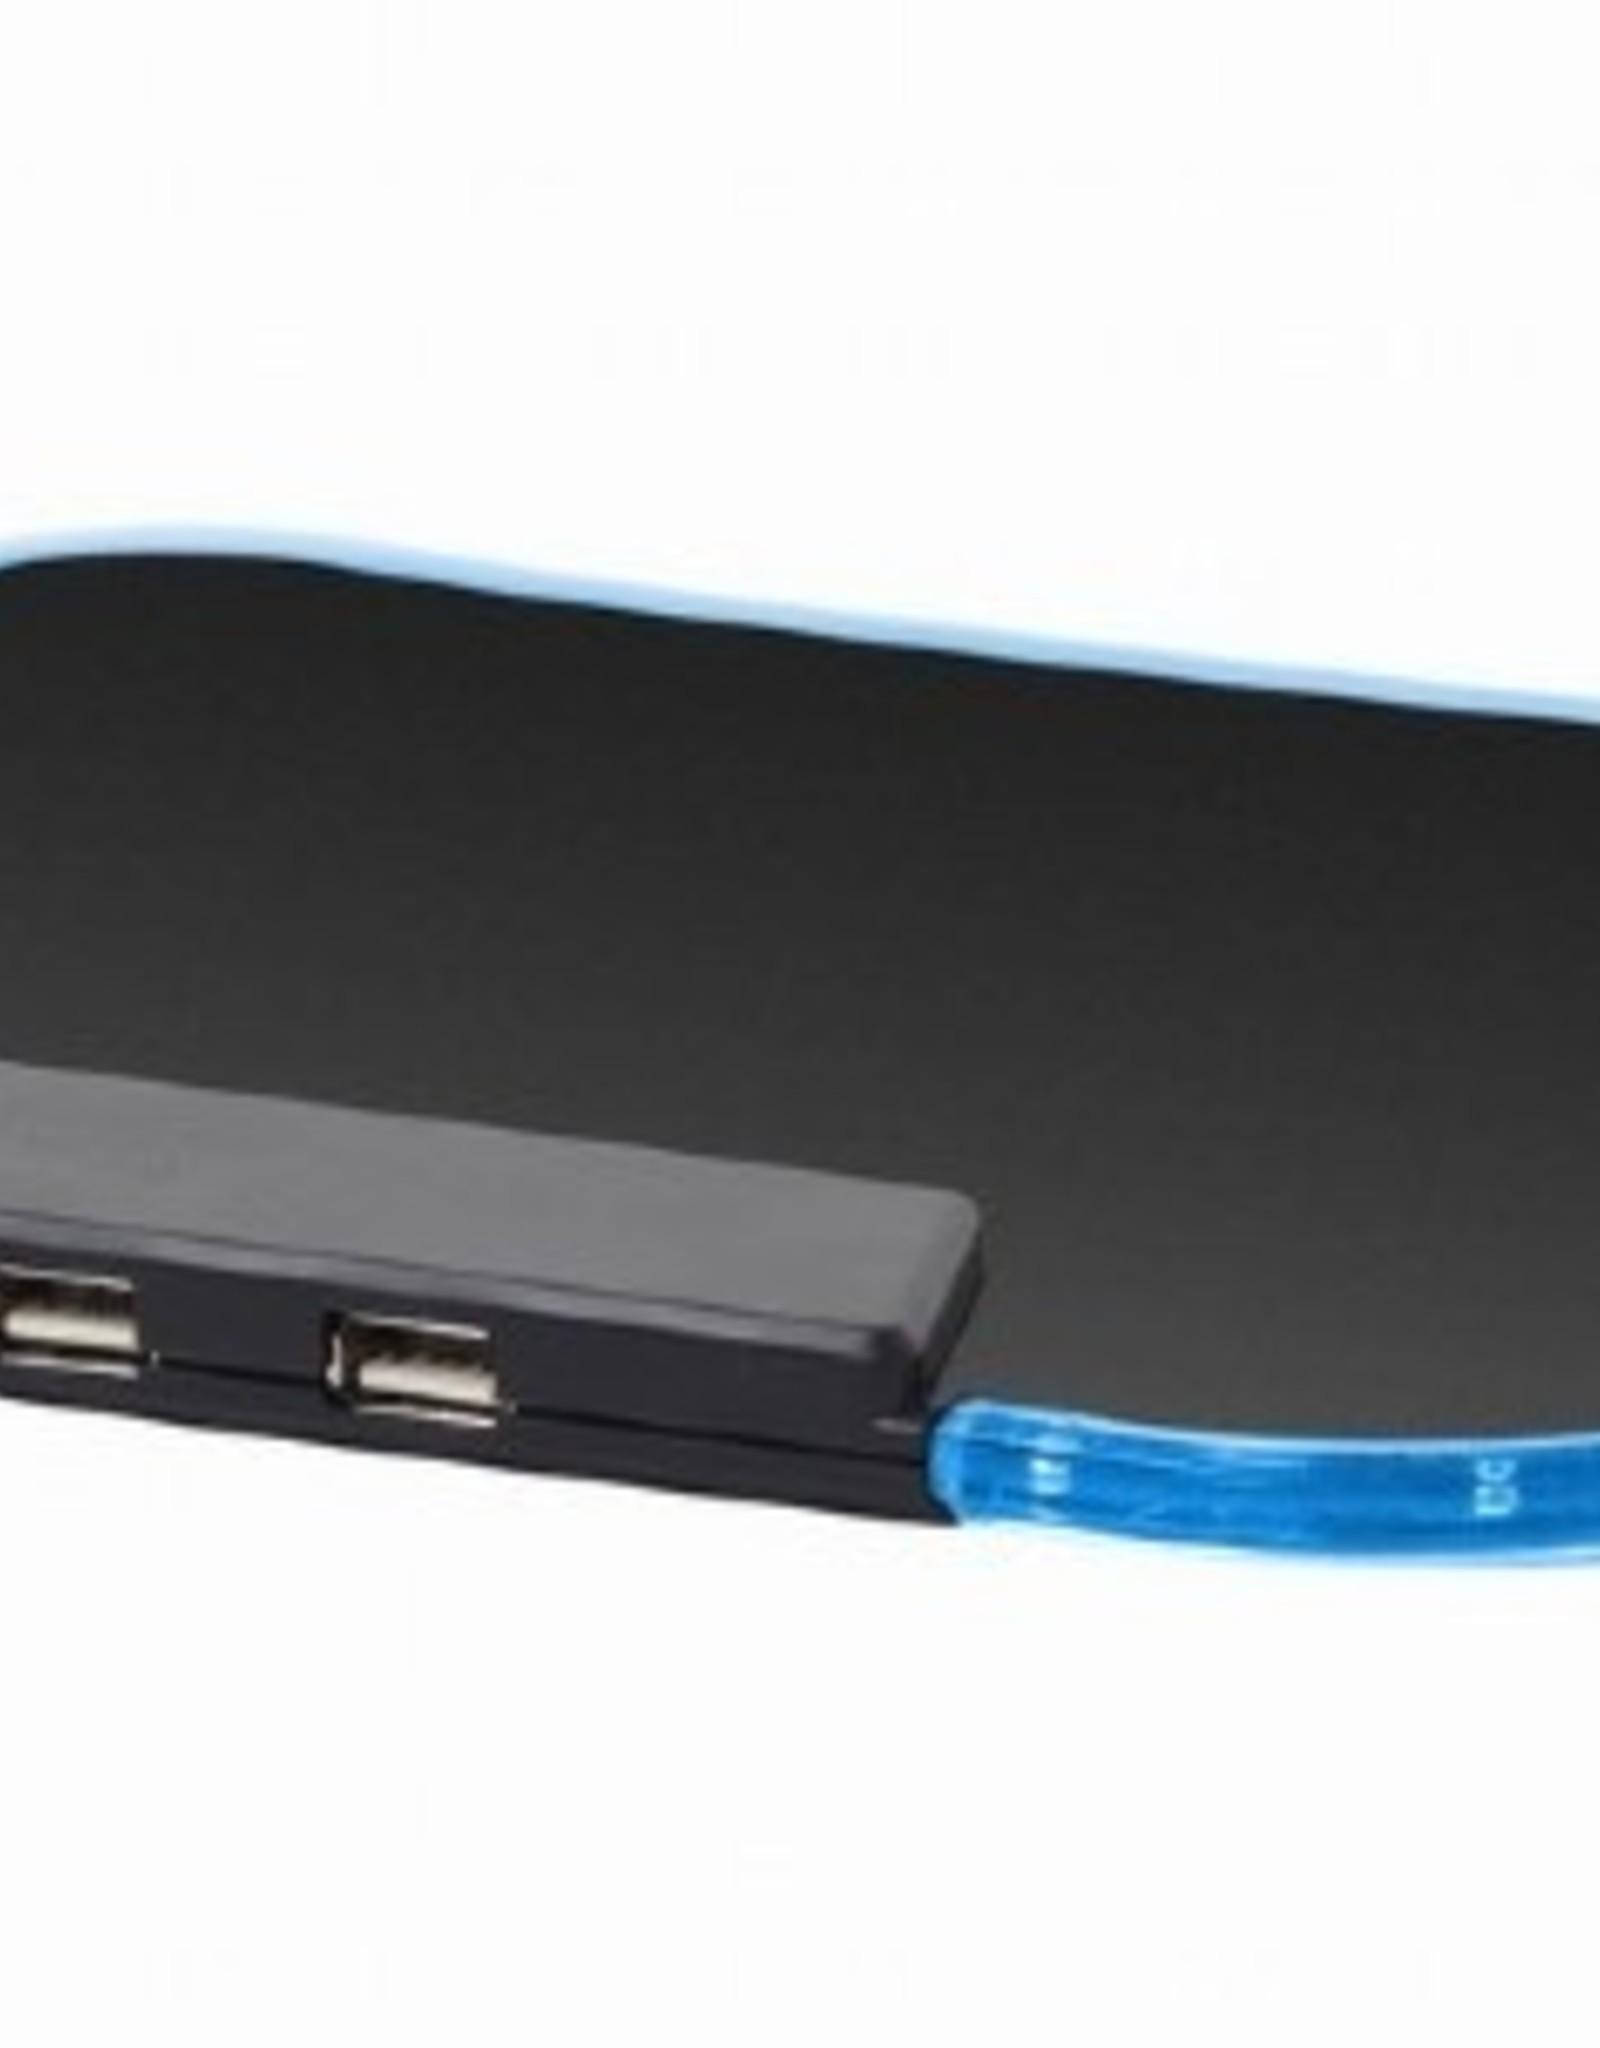 Gembird LED muismat met 4-poorts USB hub